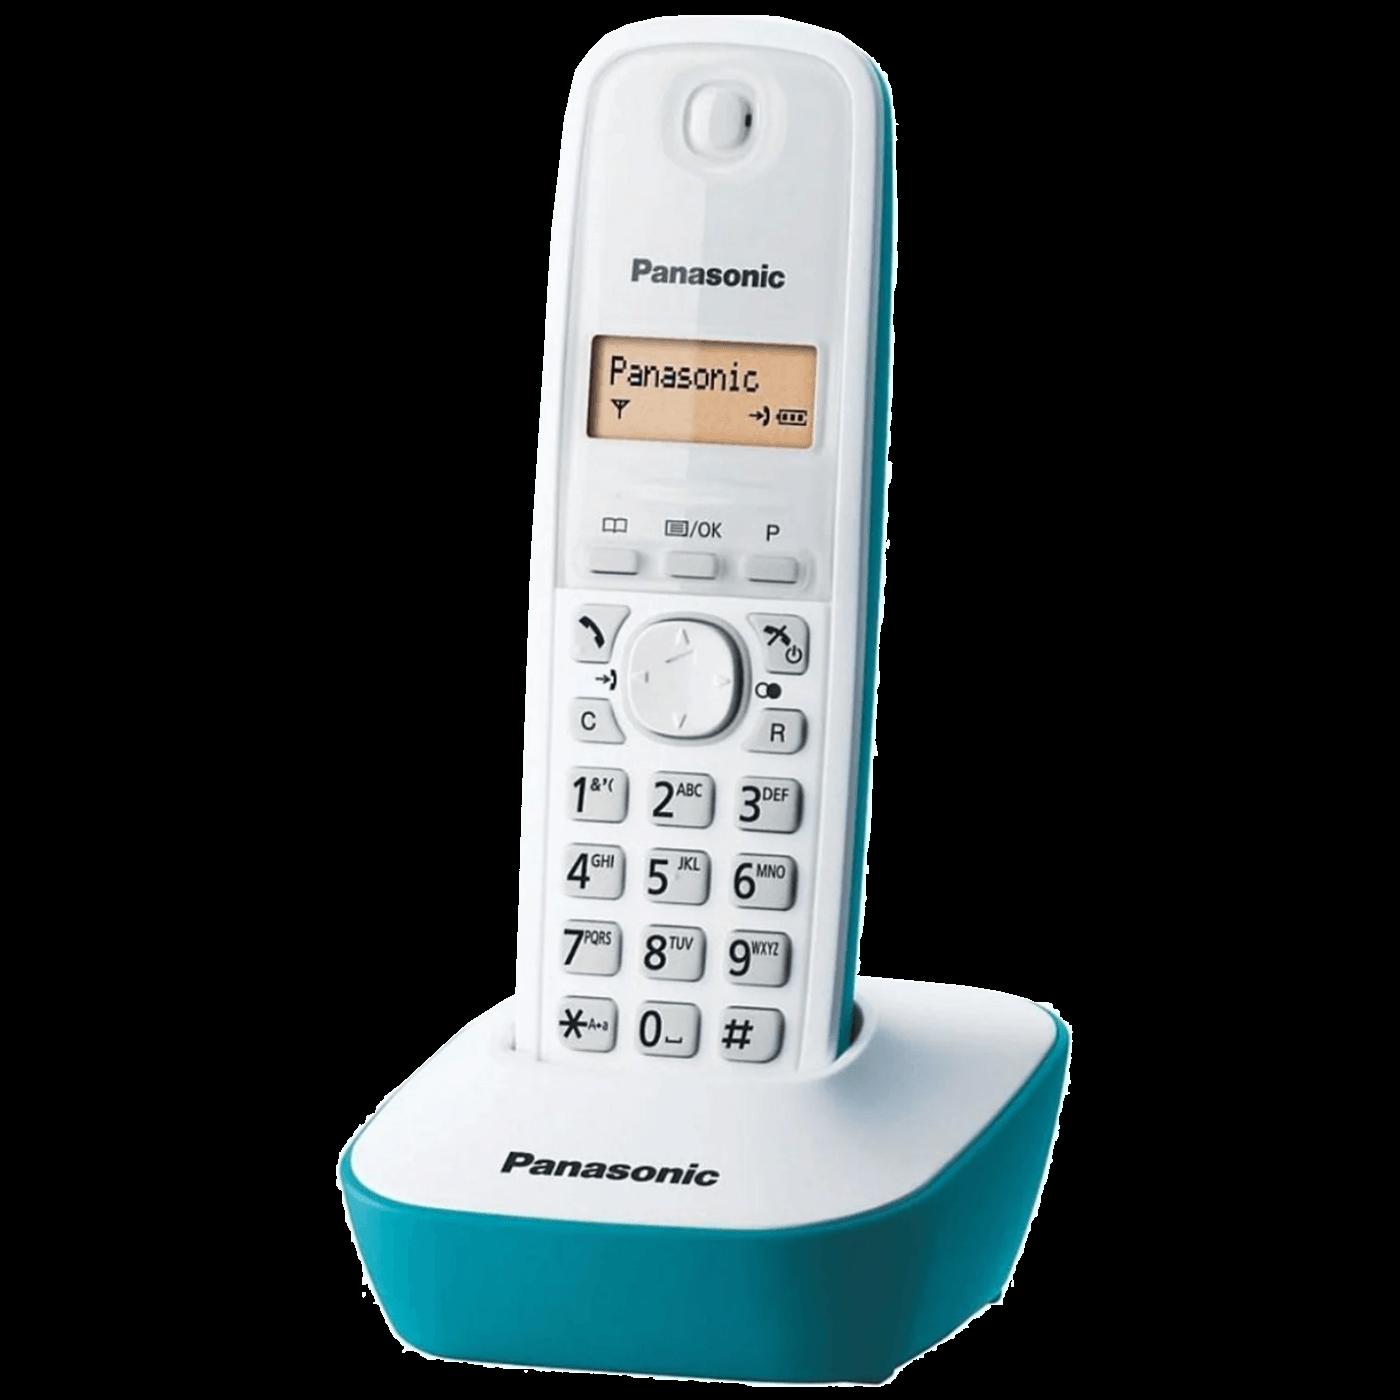 Telefon bežični, LED display, bijelo/plavi